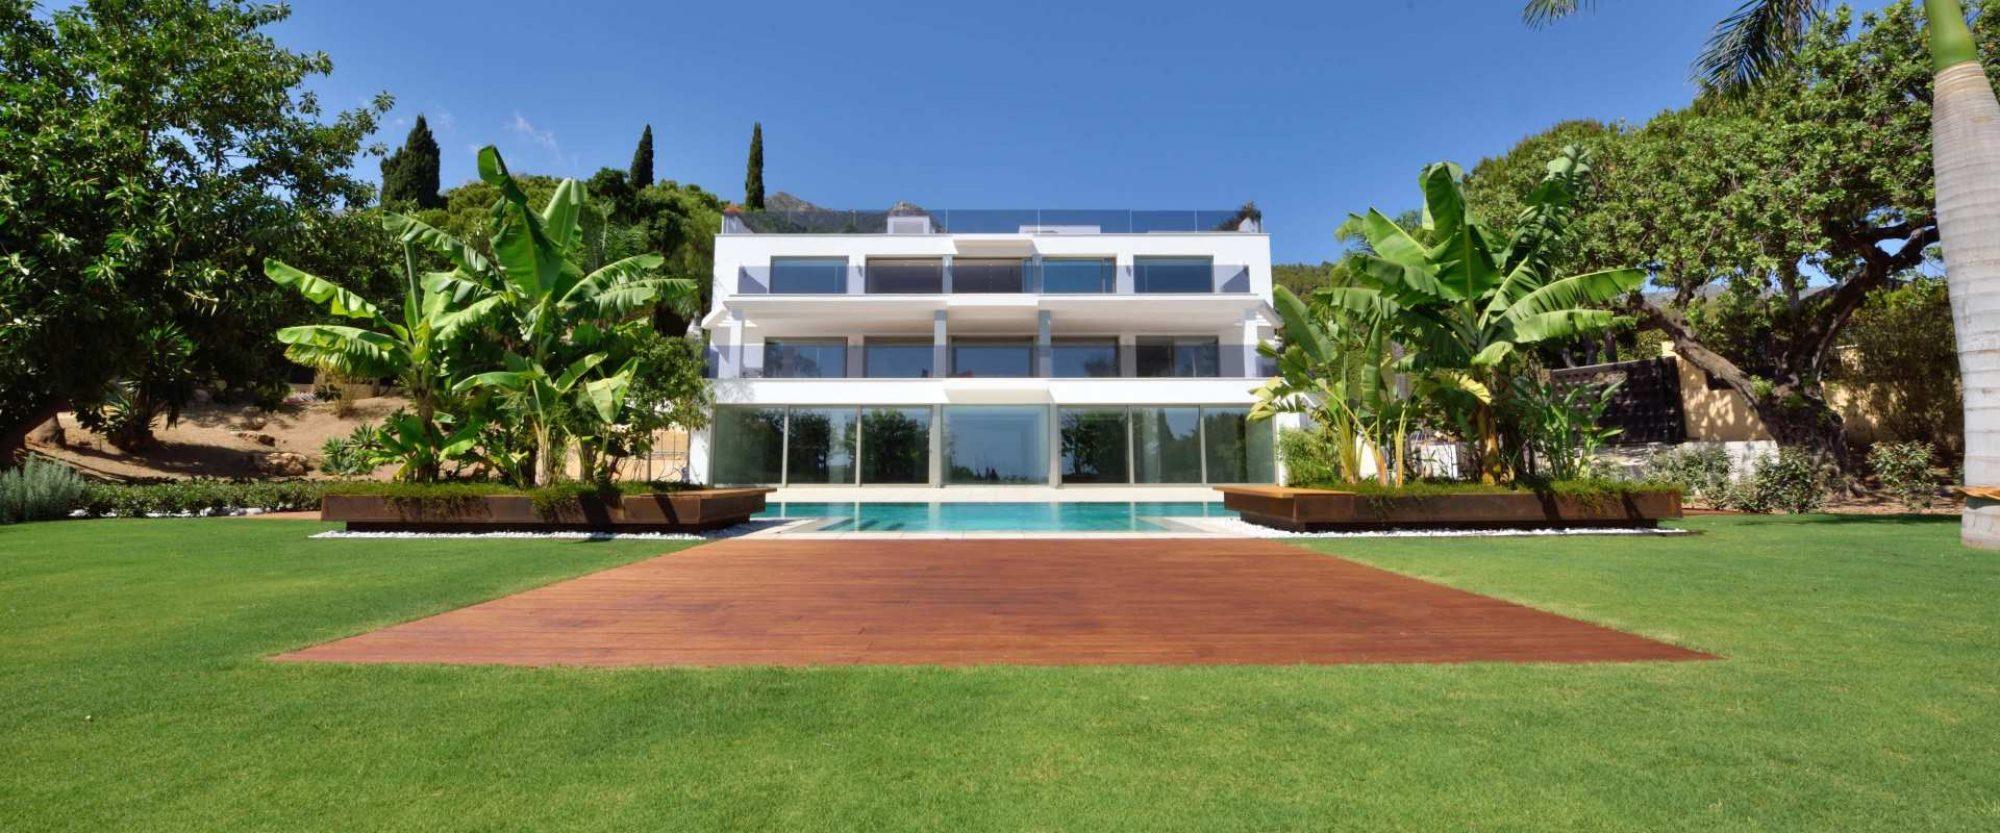 new contemporary villa for sale in cascada de camojan marbella